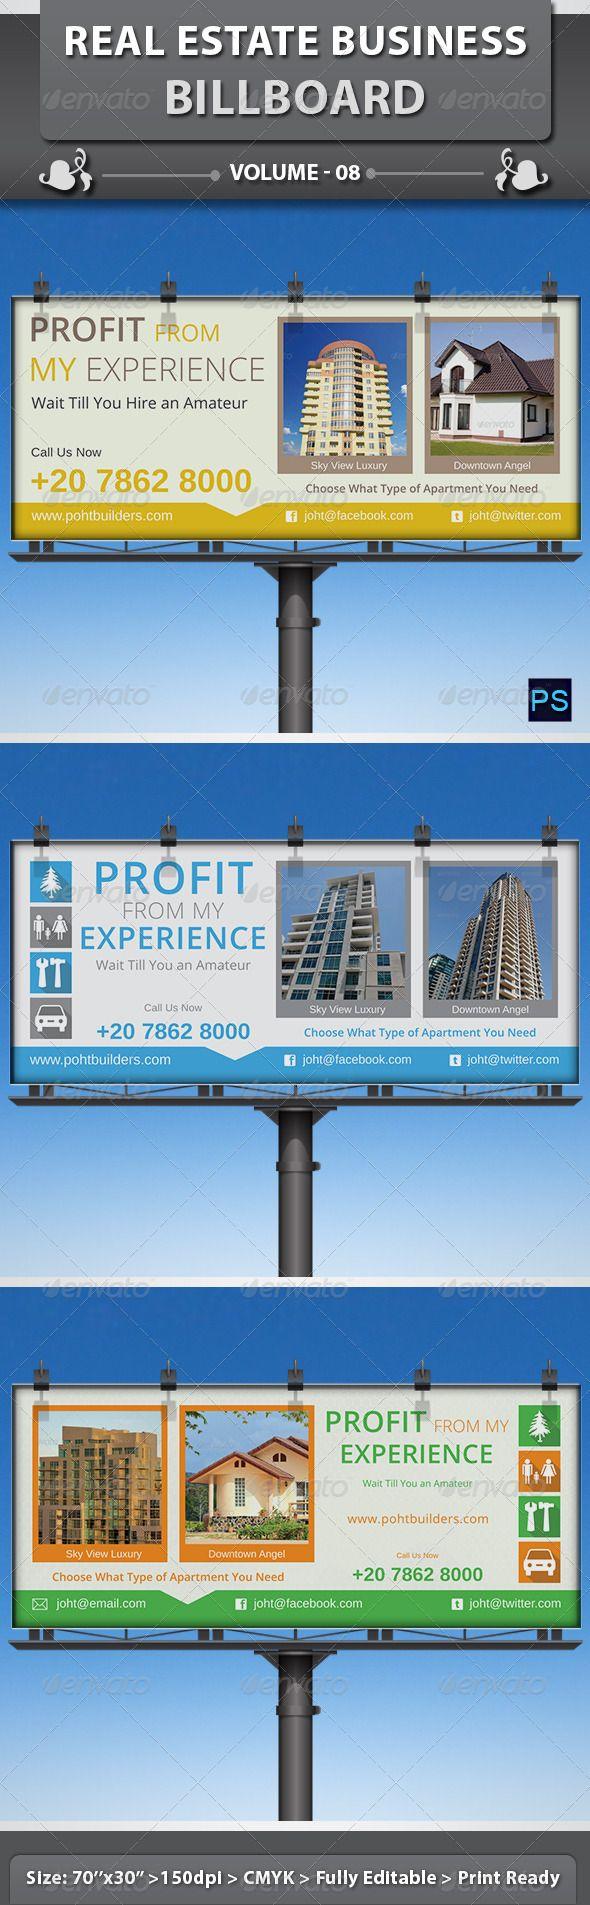 49 best real estate images on pinterest real estate marketing